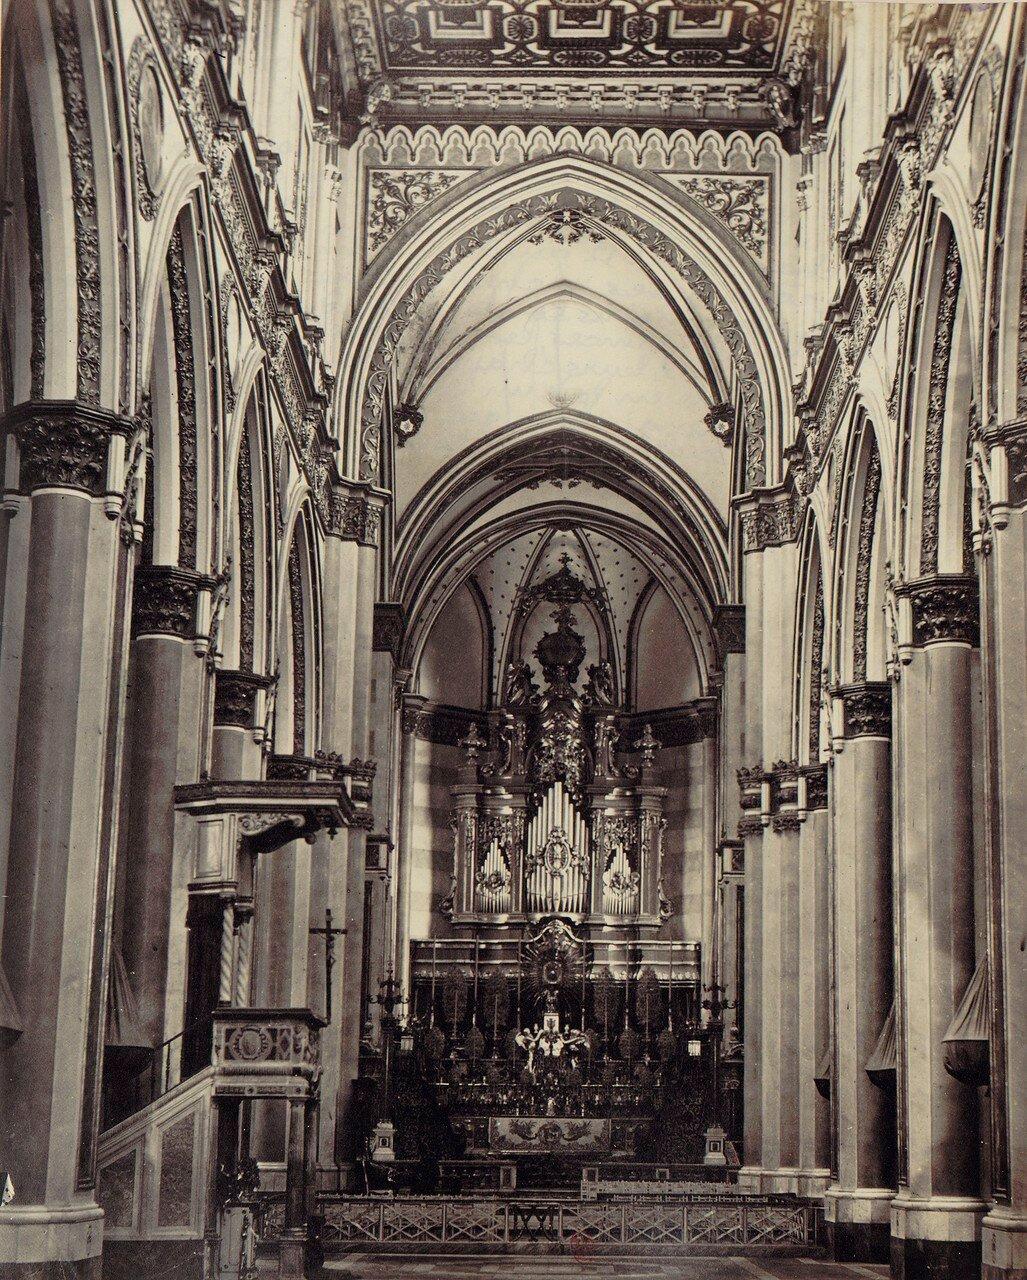 48. Церковь Сан-Доменико Маджоре, чье строительство было начато в 1289 году королем Карлом II Анжуйским